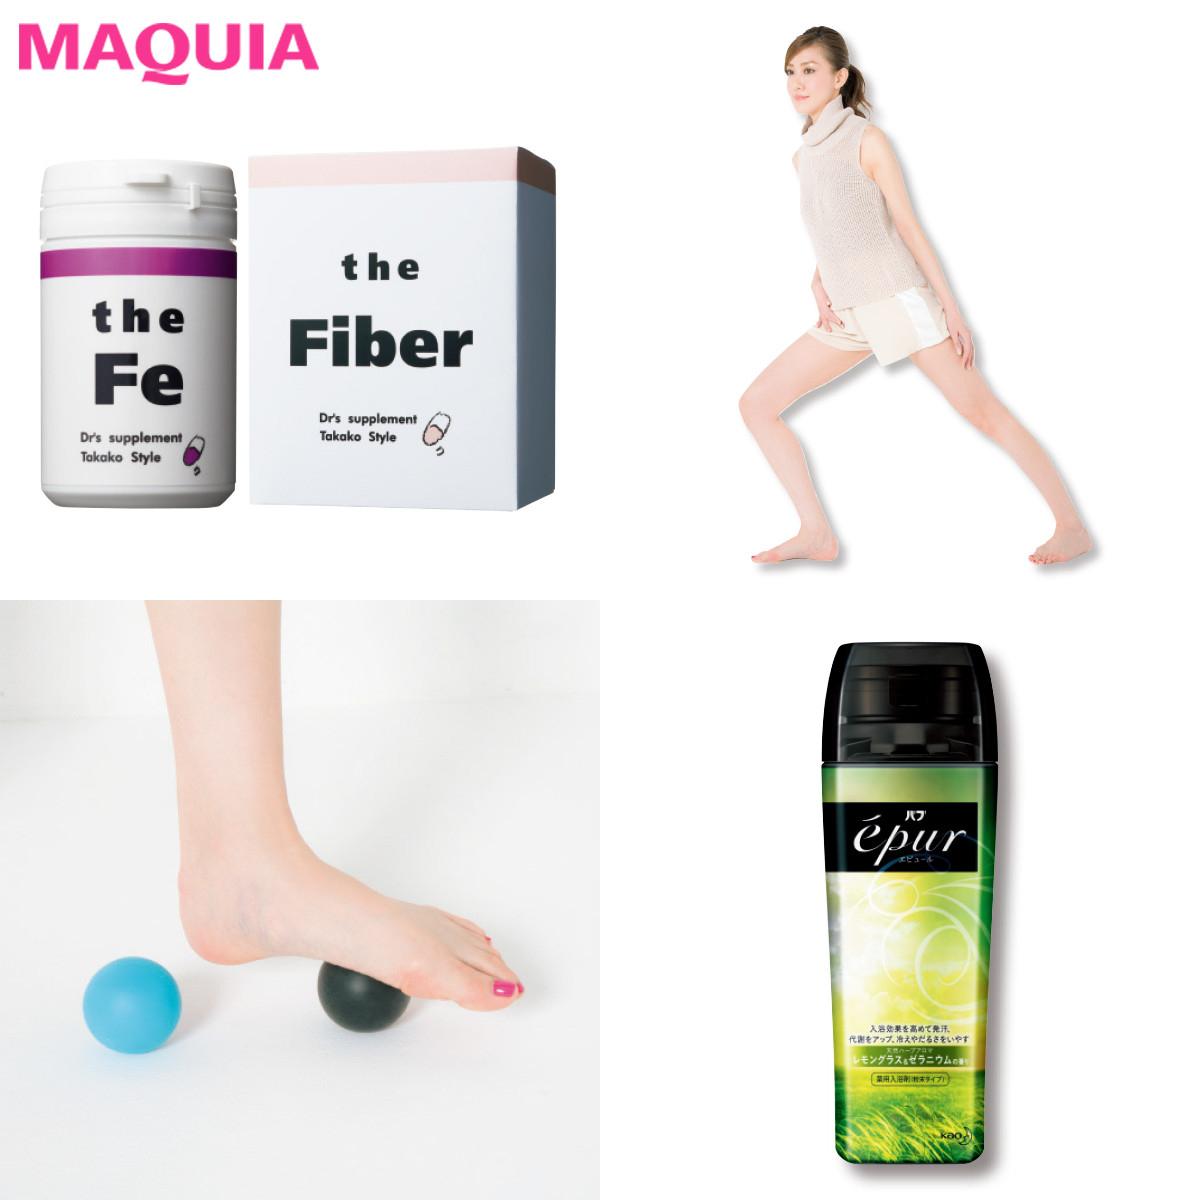 ほぐし&入浴でスピード痩せ! 美脚をつくる美人女医のダイエットテク